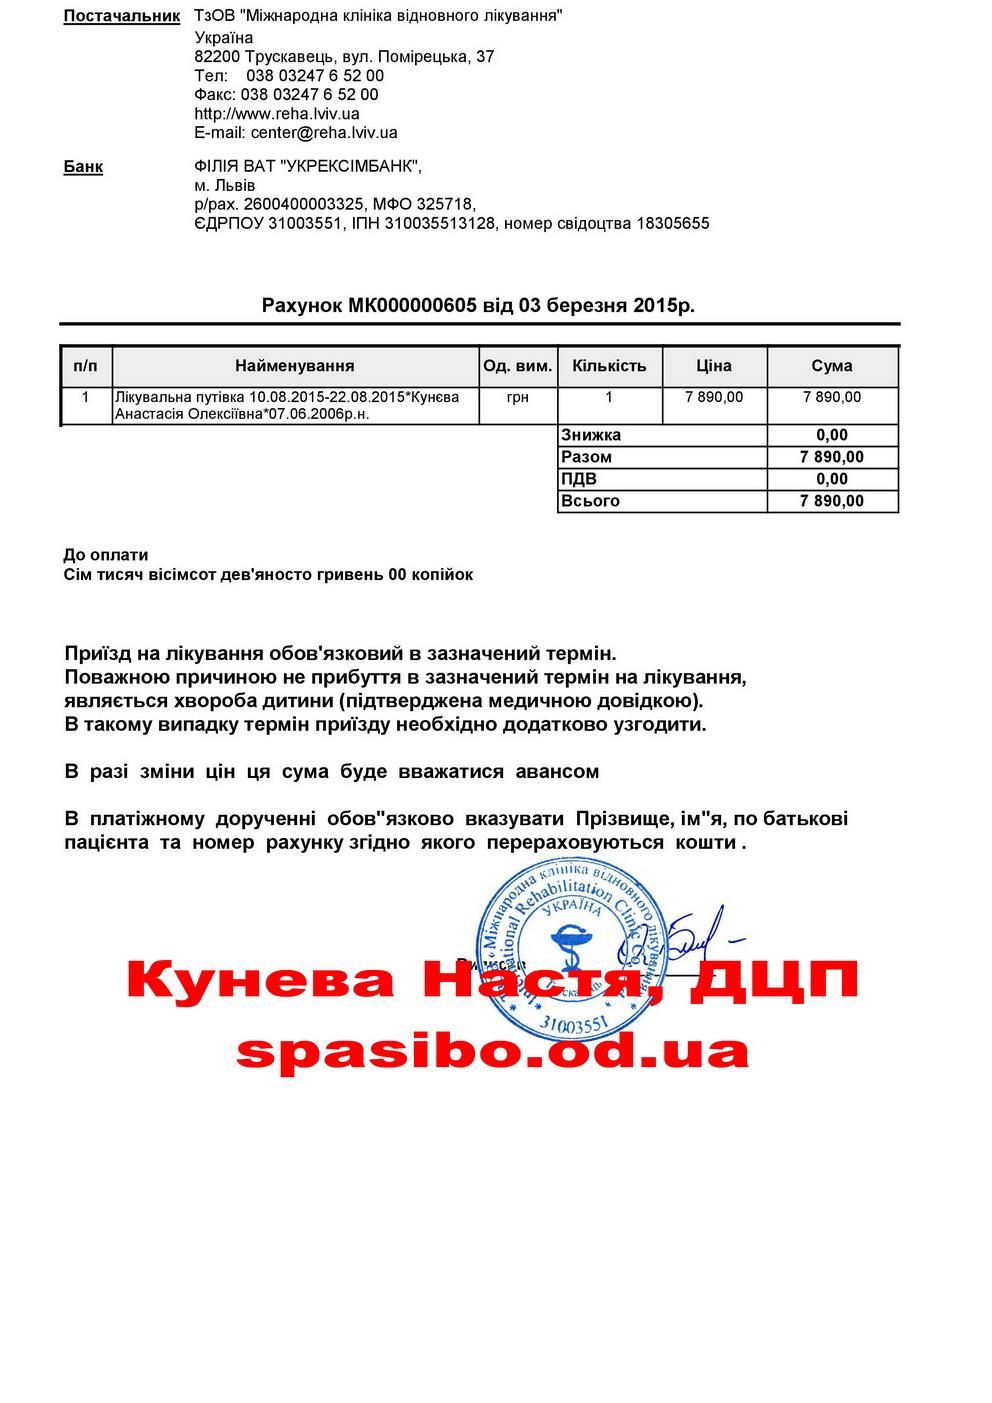 Счет на путевку с 10.08 по 22.08.2015 для Куневой